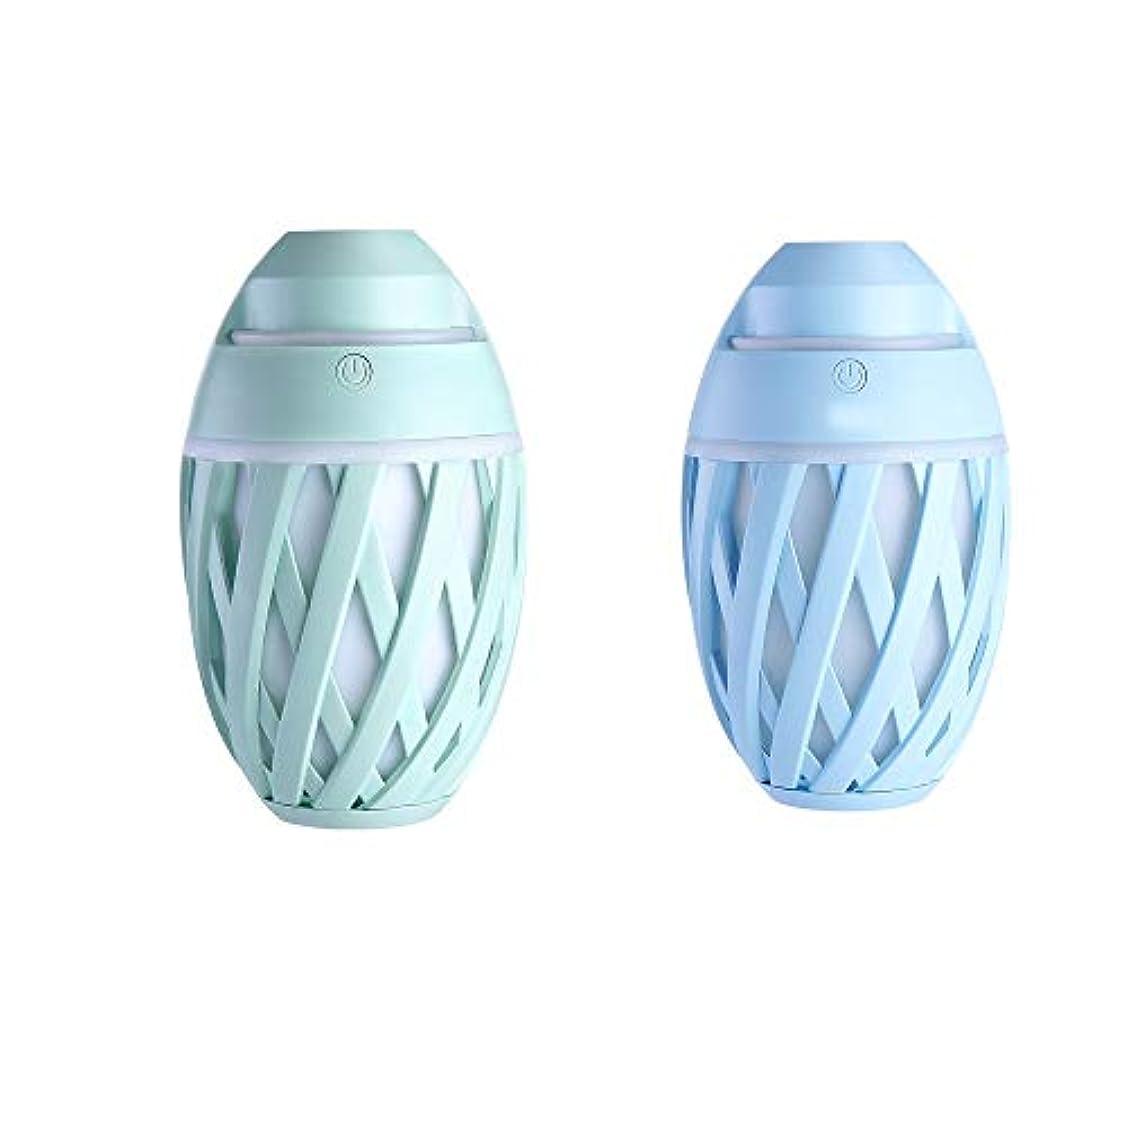 定常大工を必要としていますZXF ミニUSB車の空気加湿器の美しさの楽器オリーブ形マイナスイオンカラフルな変更美しさの水道メーターABS材料2つの青いモデル緑 滑らかである (色 : Blue)